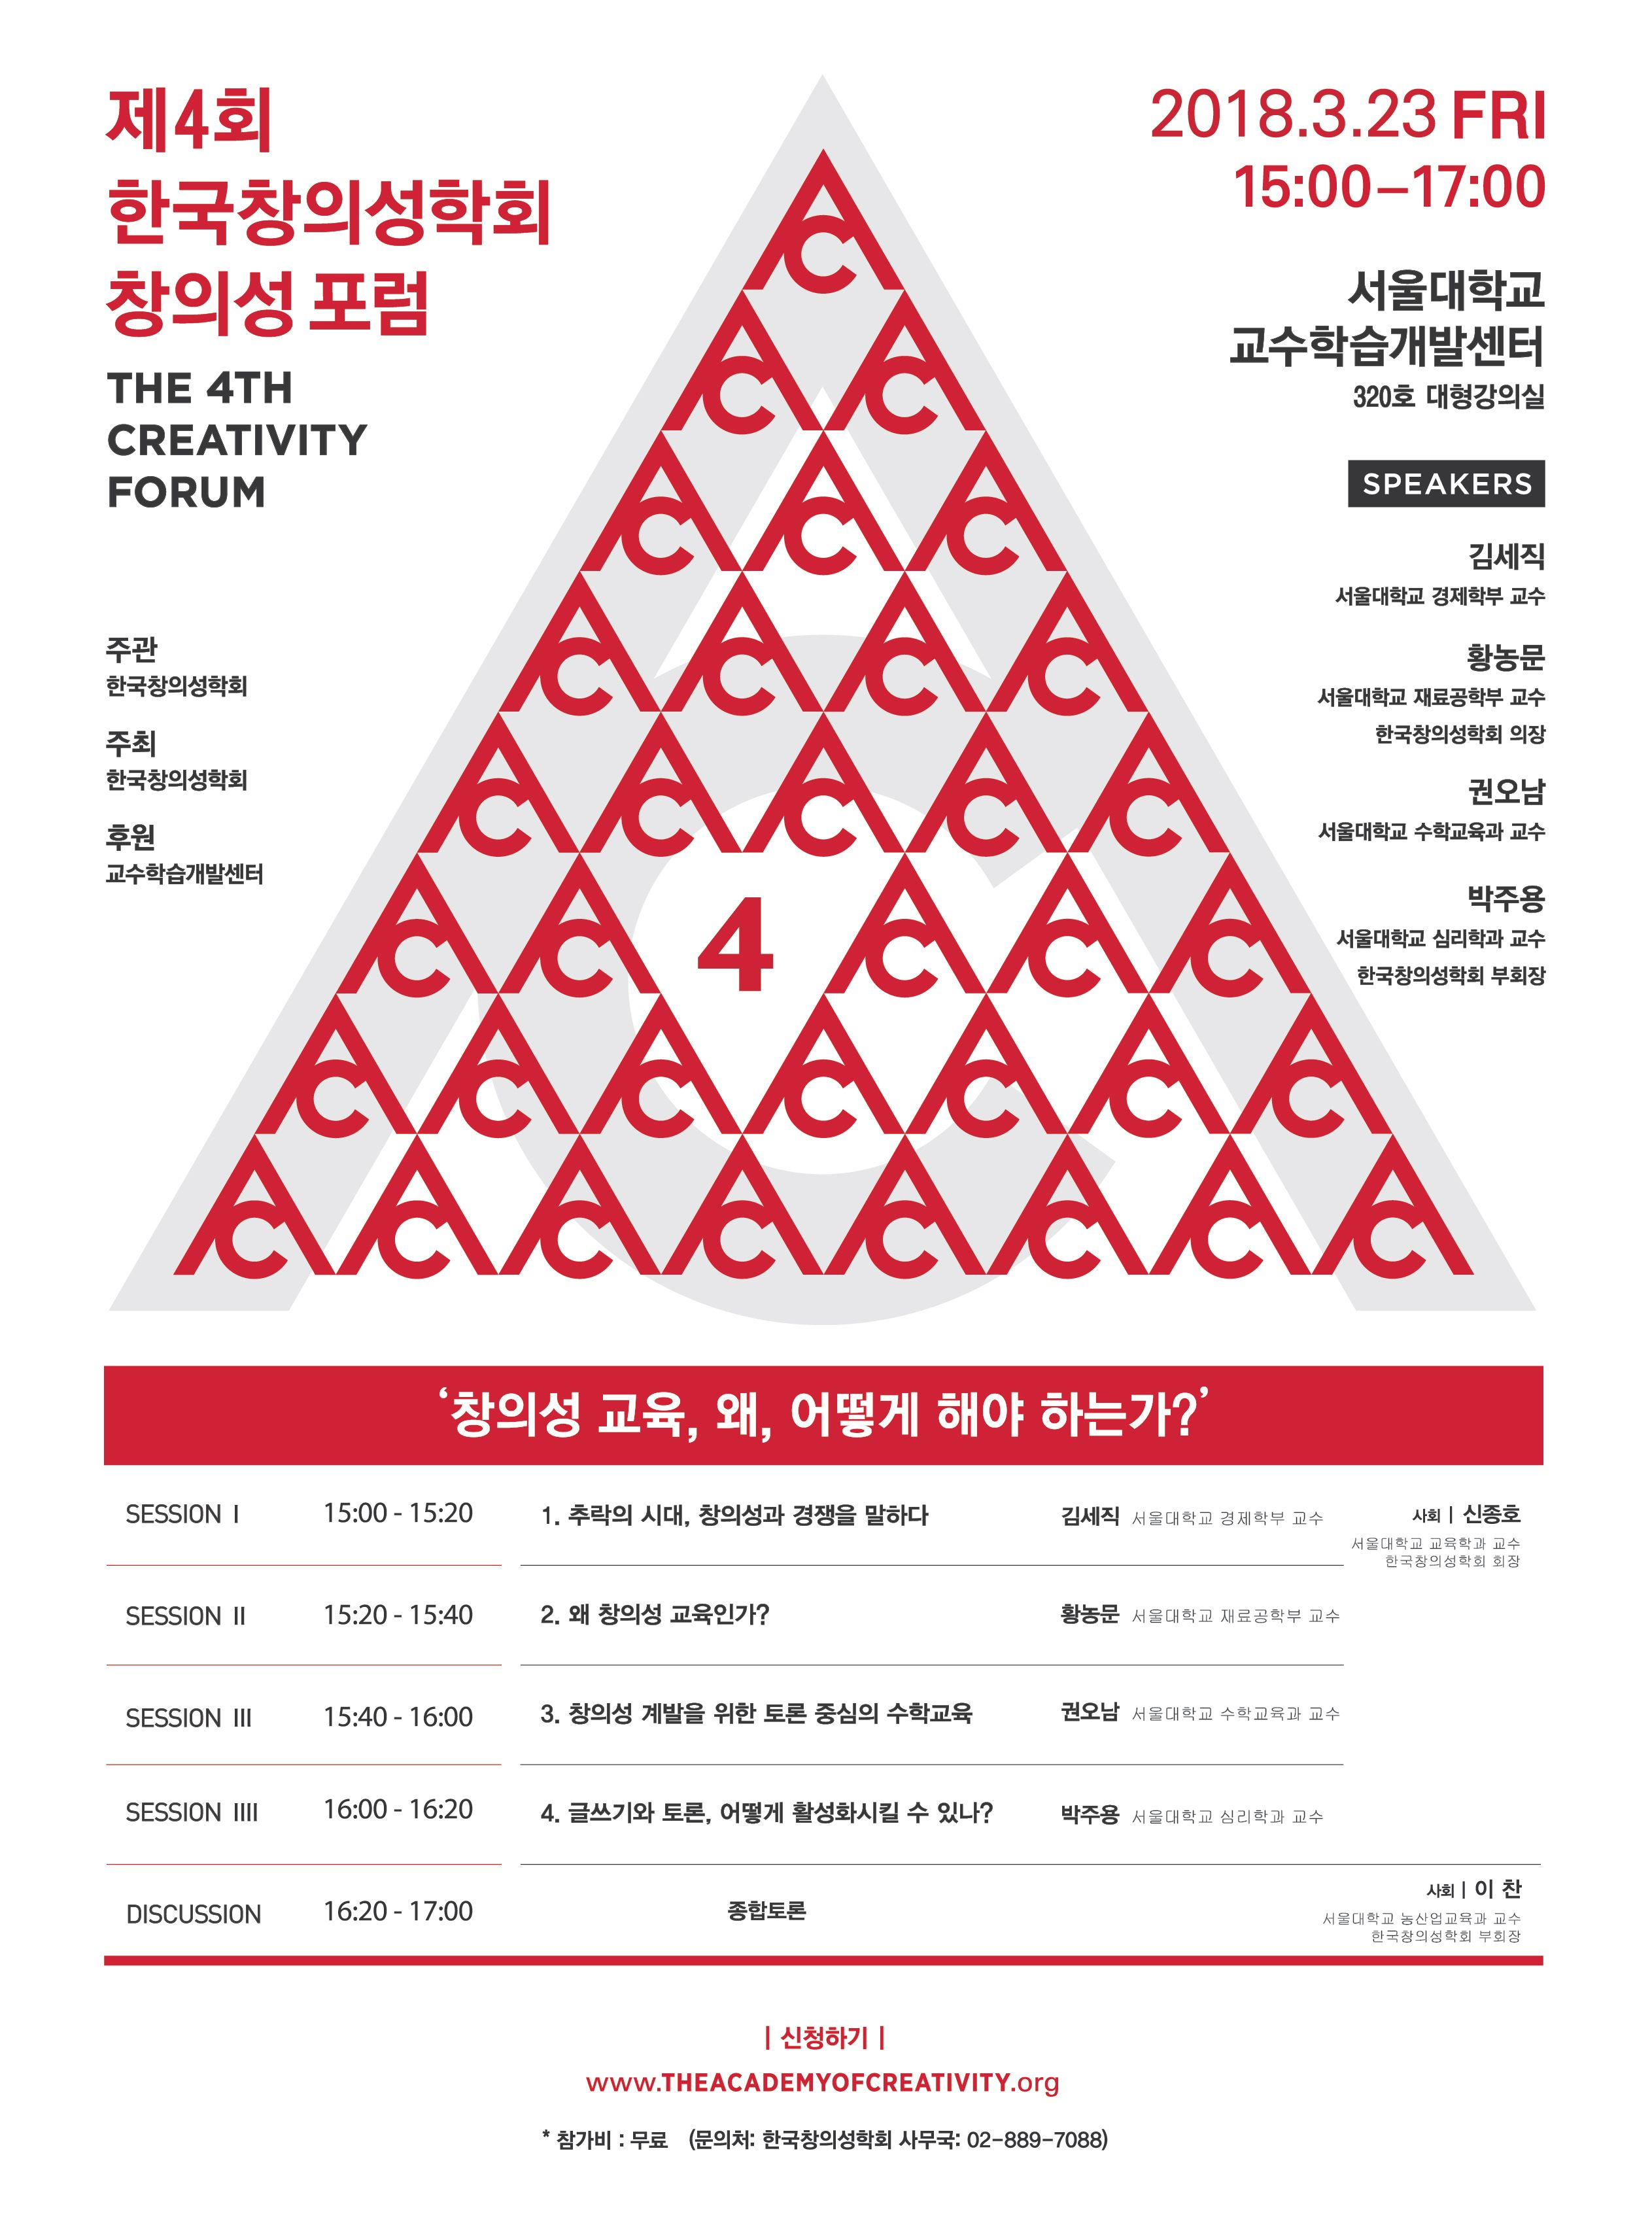 제4회 한국창의성학회 창의성 포럼